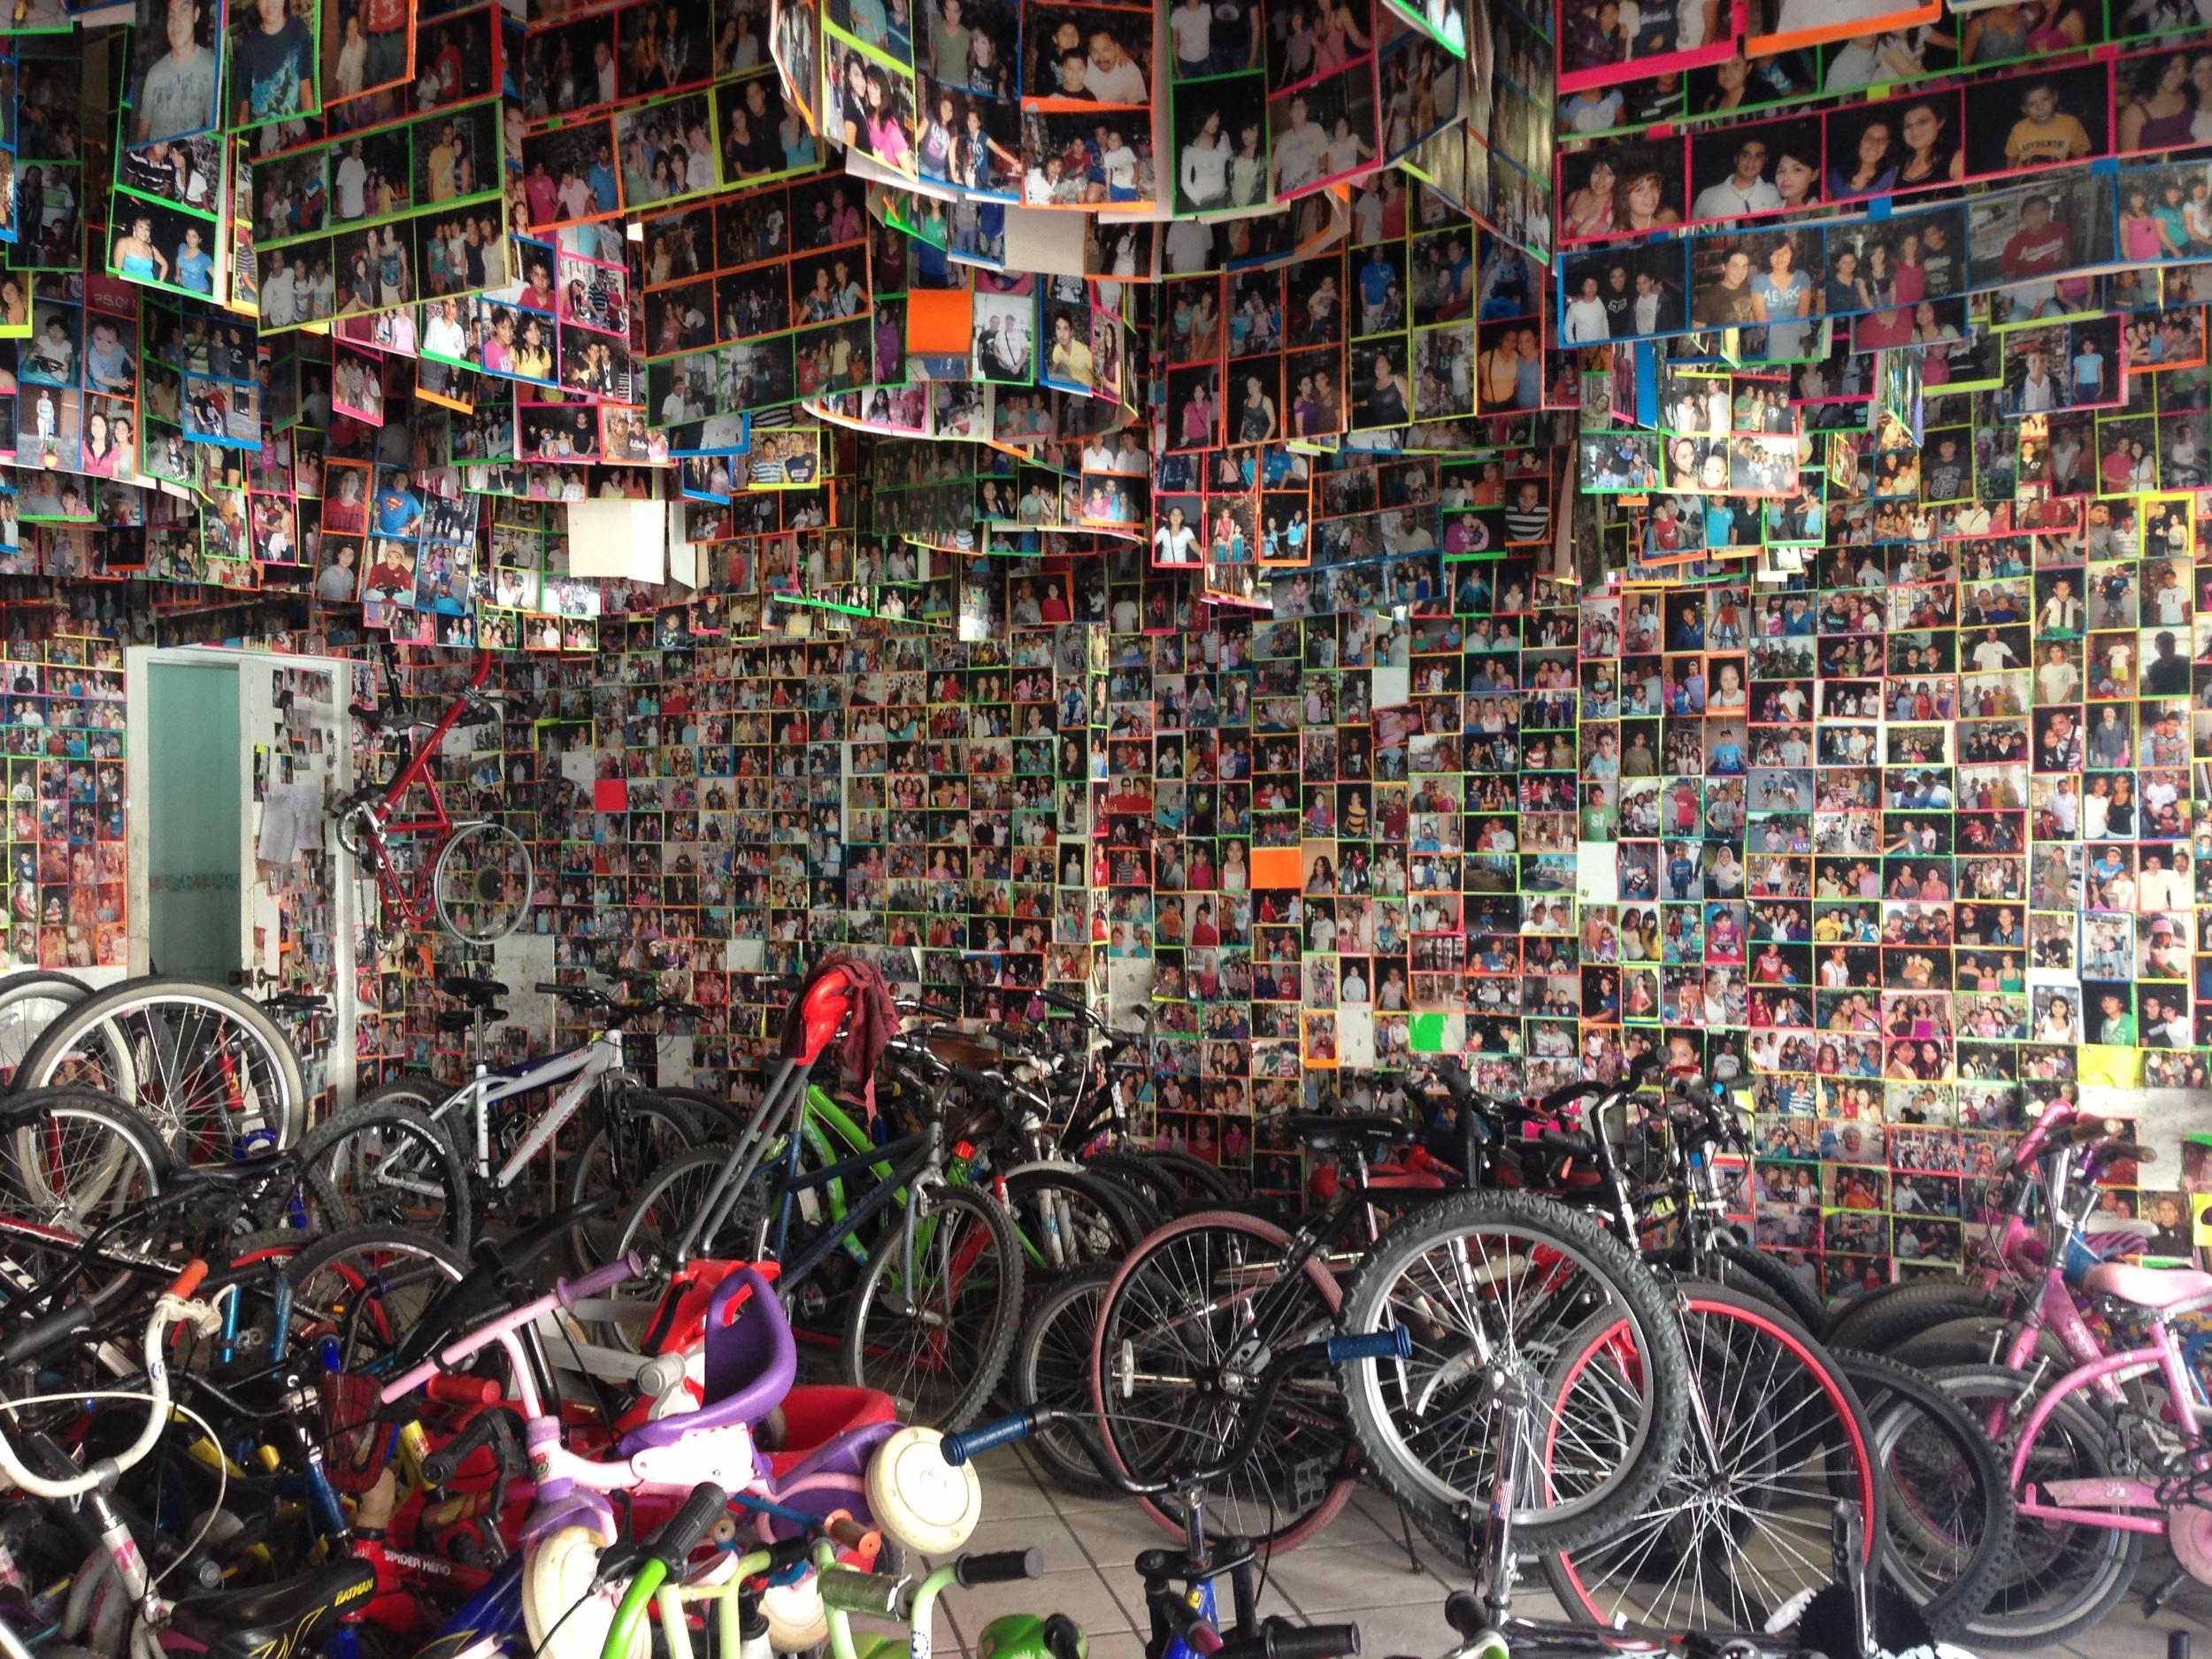 Ados y Nana bike shop in La Paz.